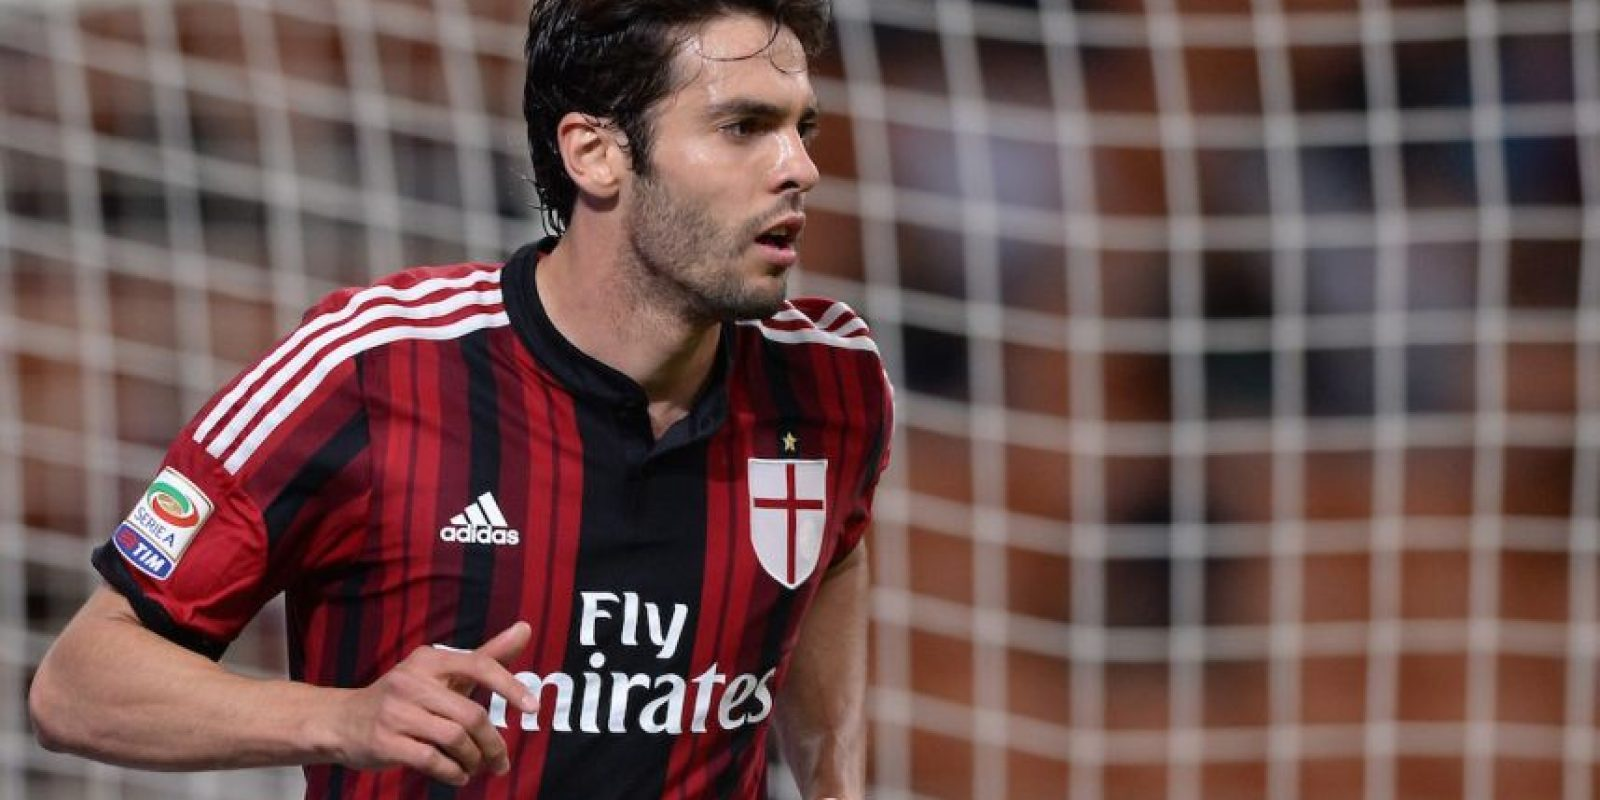 """Kaká: """"A mi me gusta mucho Cristiano porque es un jugador completo del fútbol moderno. Físicamente es un animal y bueno, le pega con la derecha, con la izquierda, de cabeza, de tiro libre, es un jugador al que en verdad admiro mucho"""". Foto:Getty Images"""